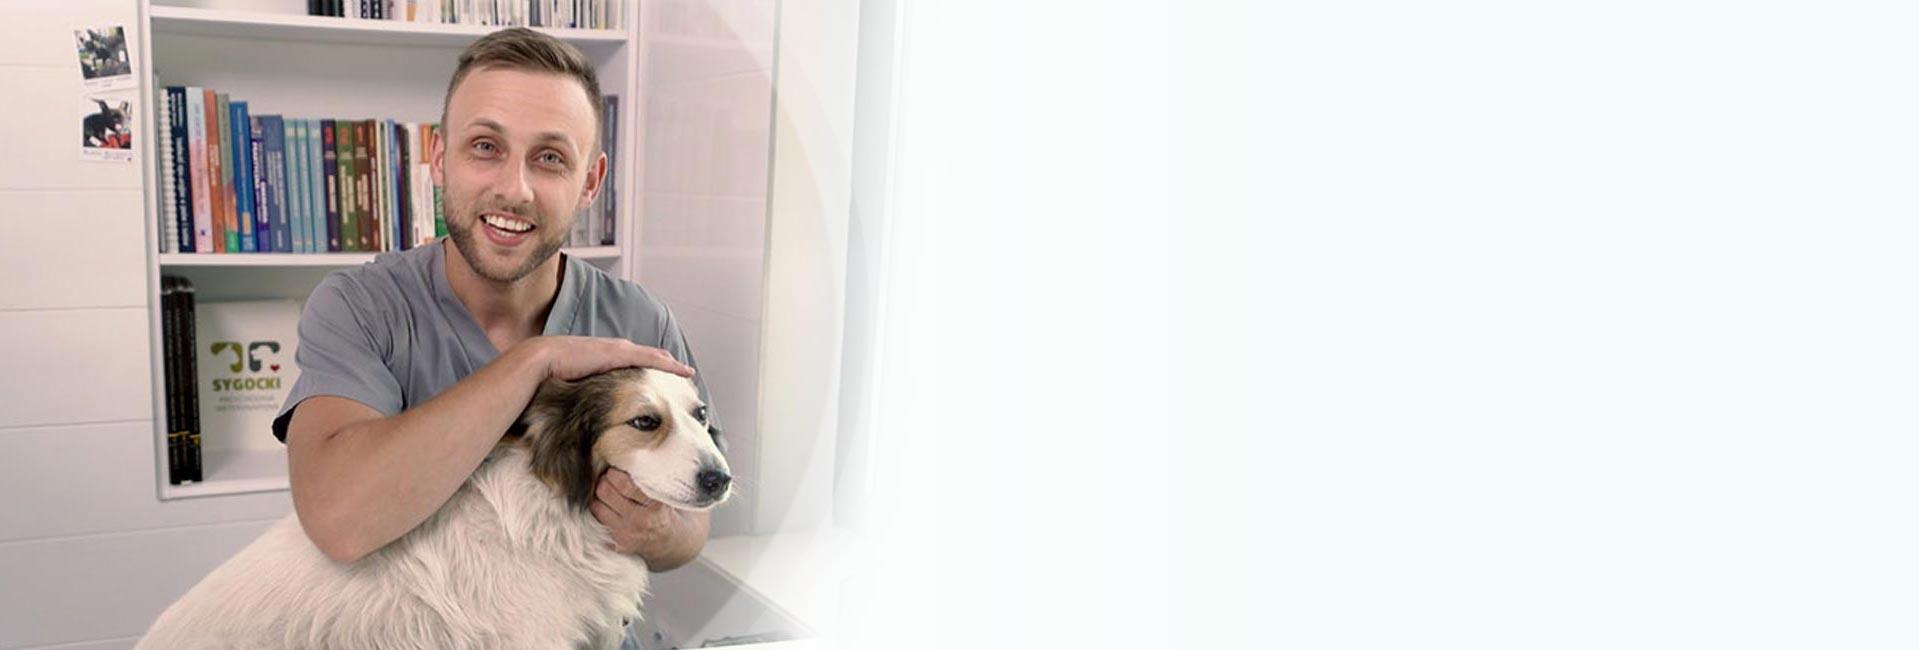 Czy łączenie karmy mokrej i suchej jest zdrowe dla psa?